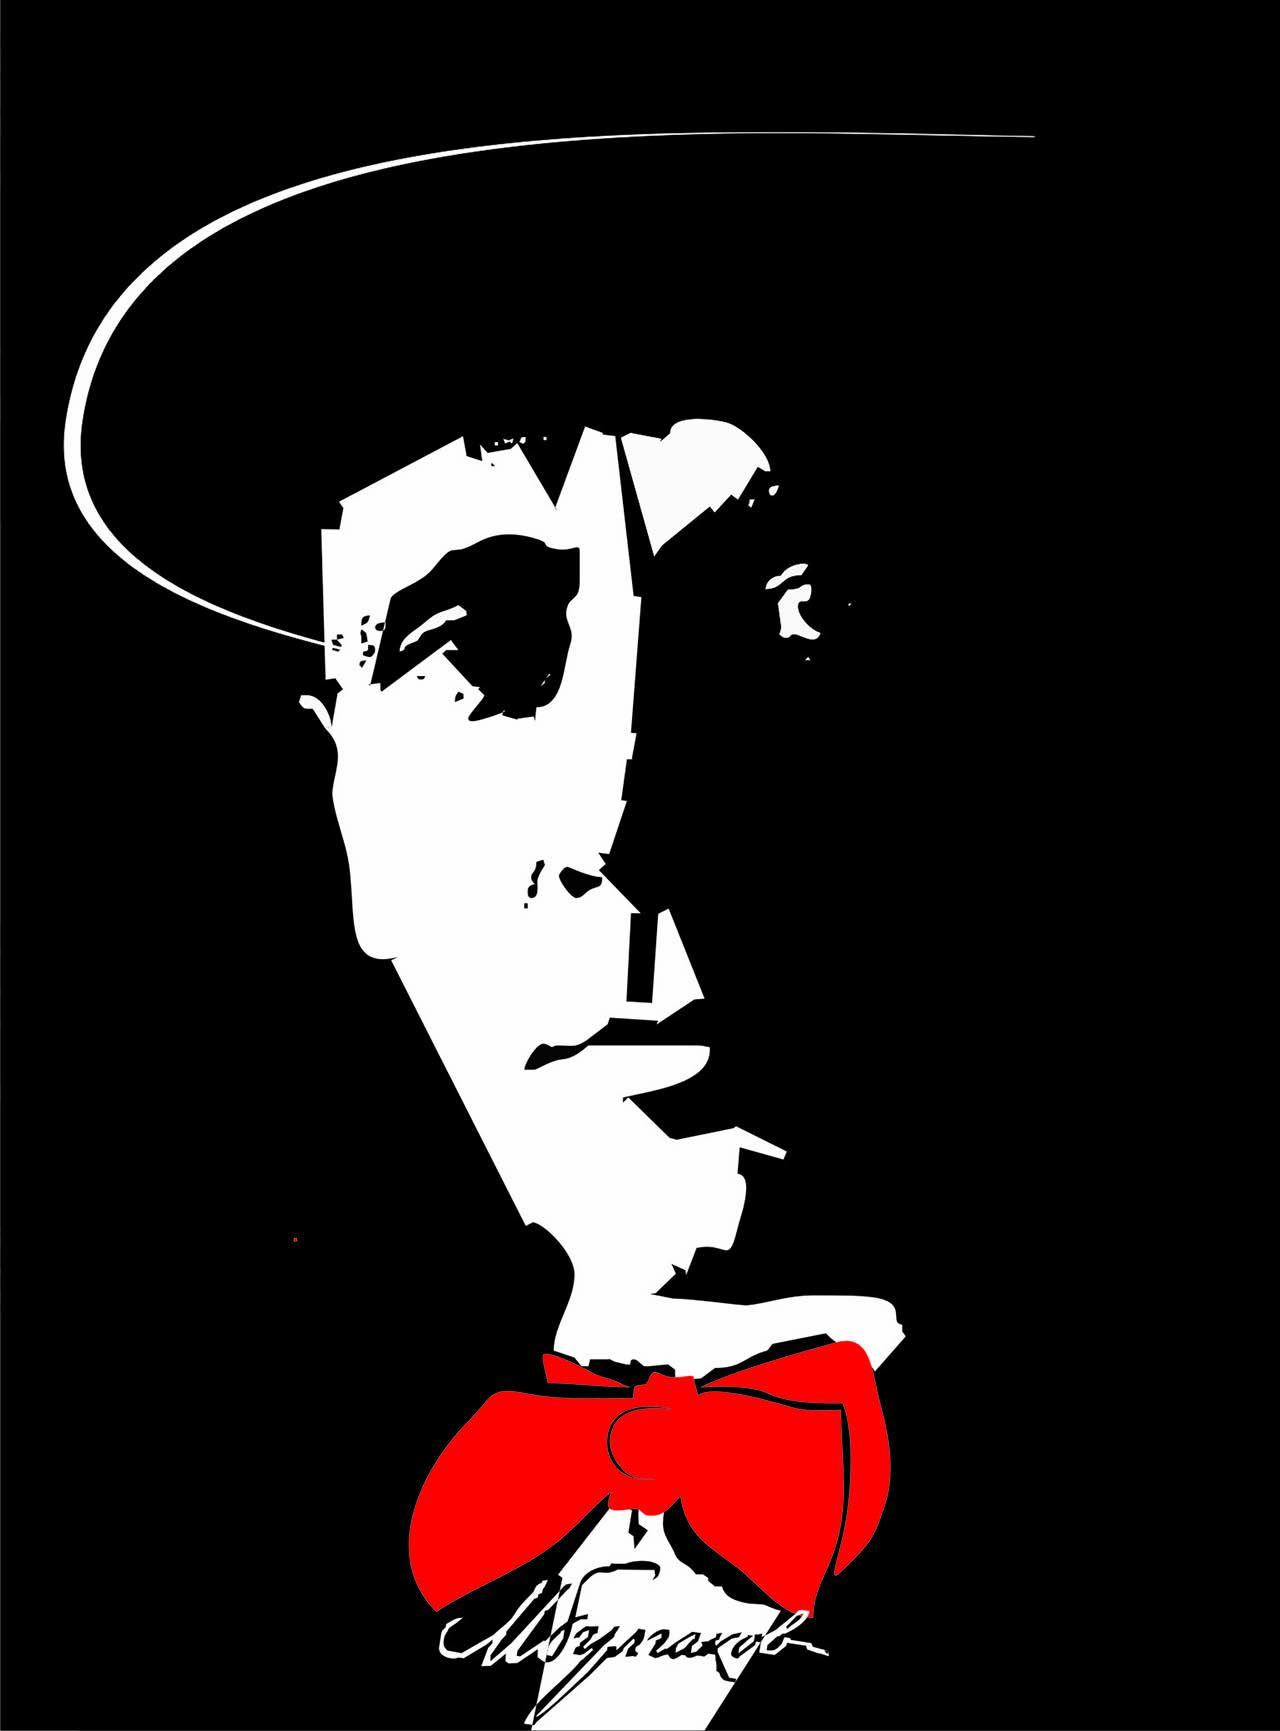 Плакат-портрет Михаила Булгакова - дизайнер vkusnyashka